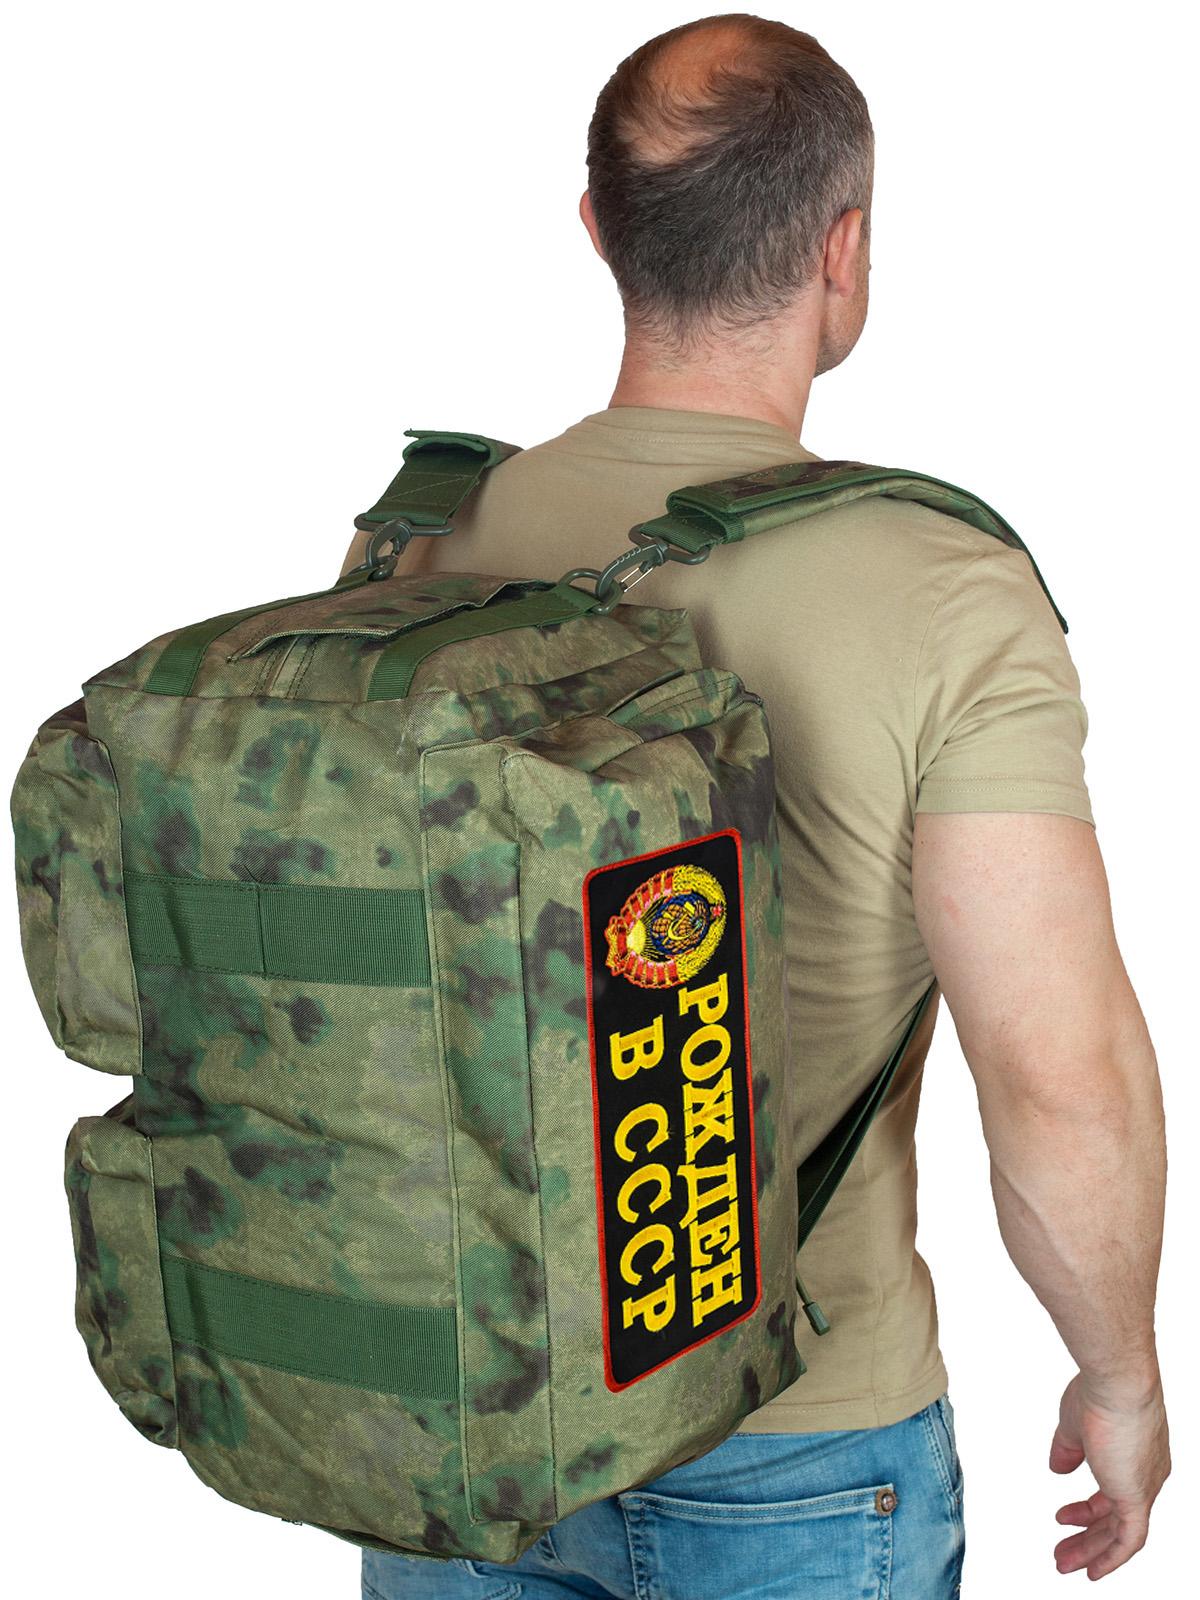 Купить заплечную камуфляжную сумку-баул Рожден в СССР по специальной цене